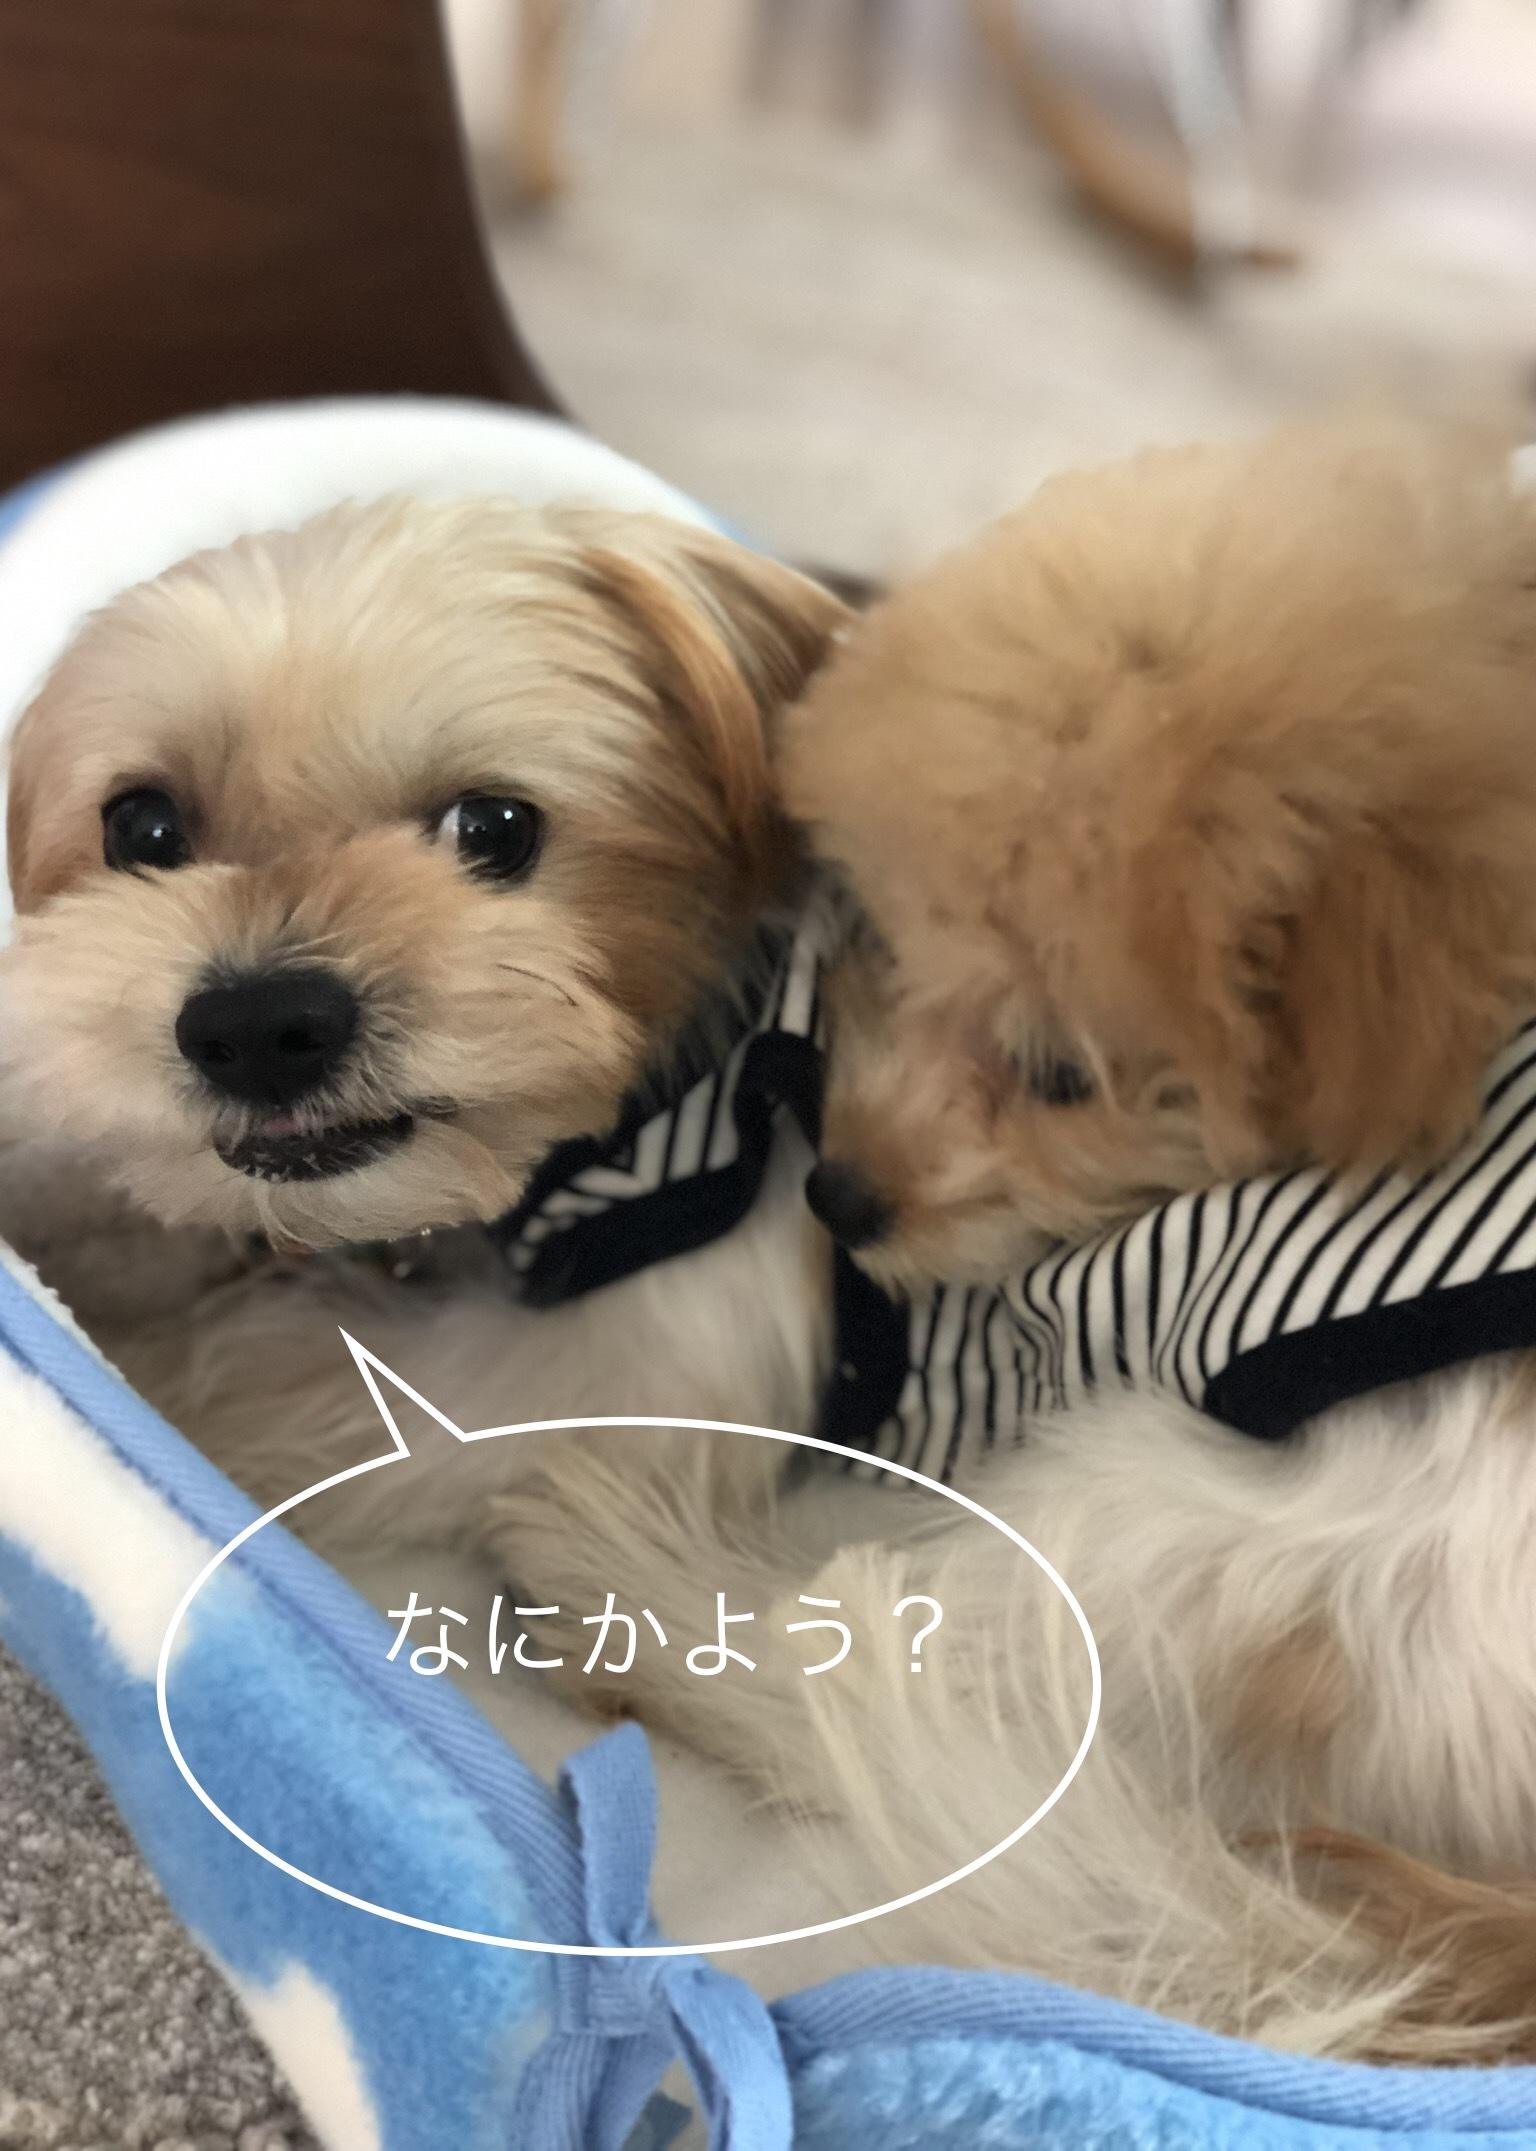 ポパイくんとつむぎちゃん_d0233672_18183117.jpeg